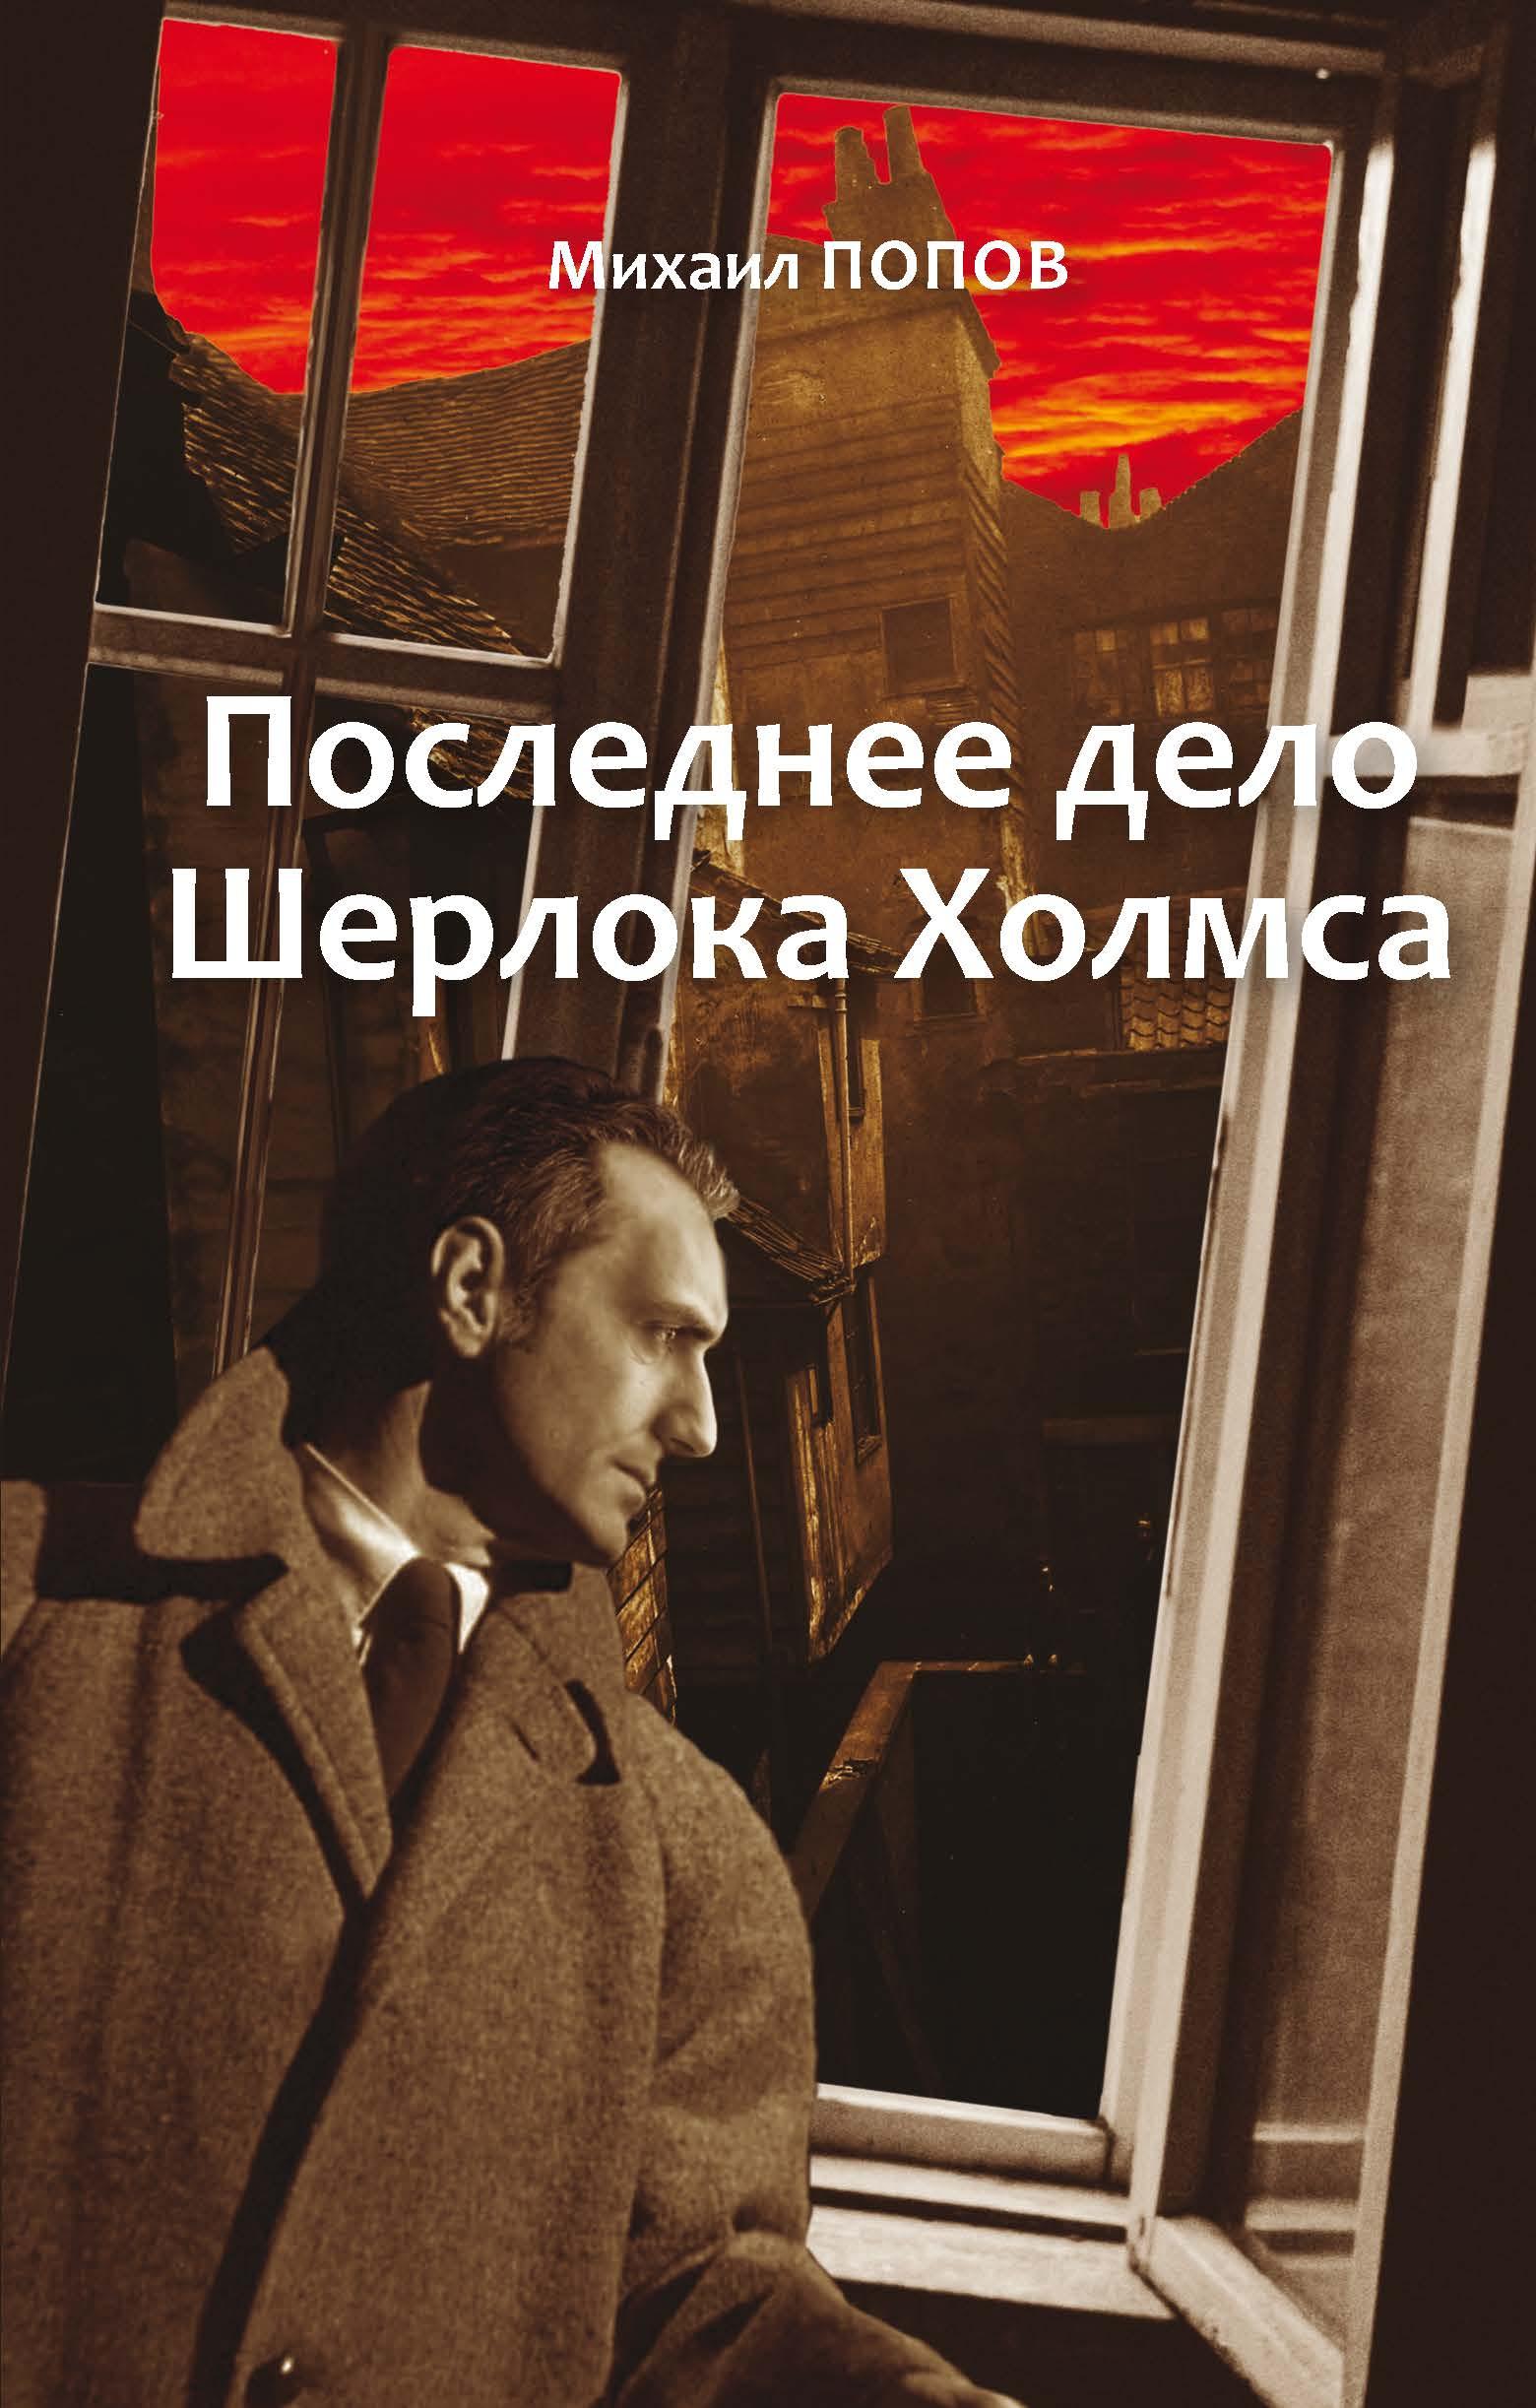 На кресах всходних. Избранное. В 2 т. Т. 2. Последнее дело Шерлока Холмса: повести, стихи, современные записки